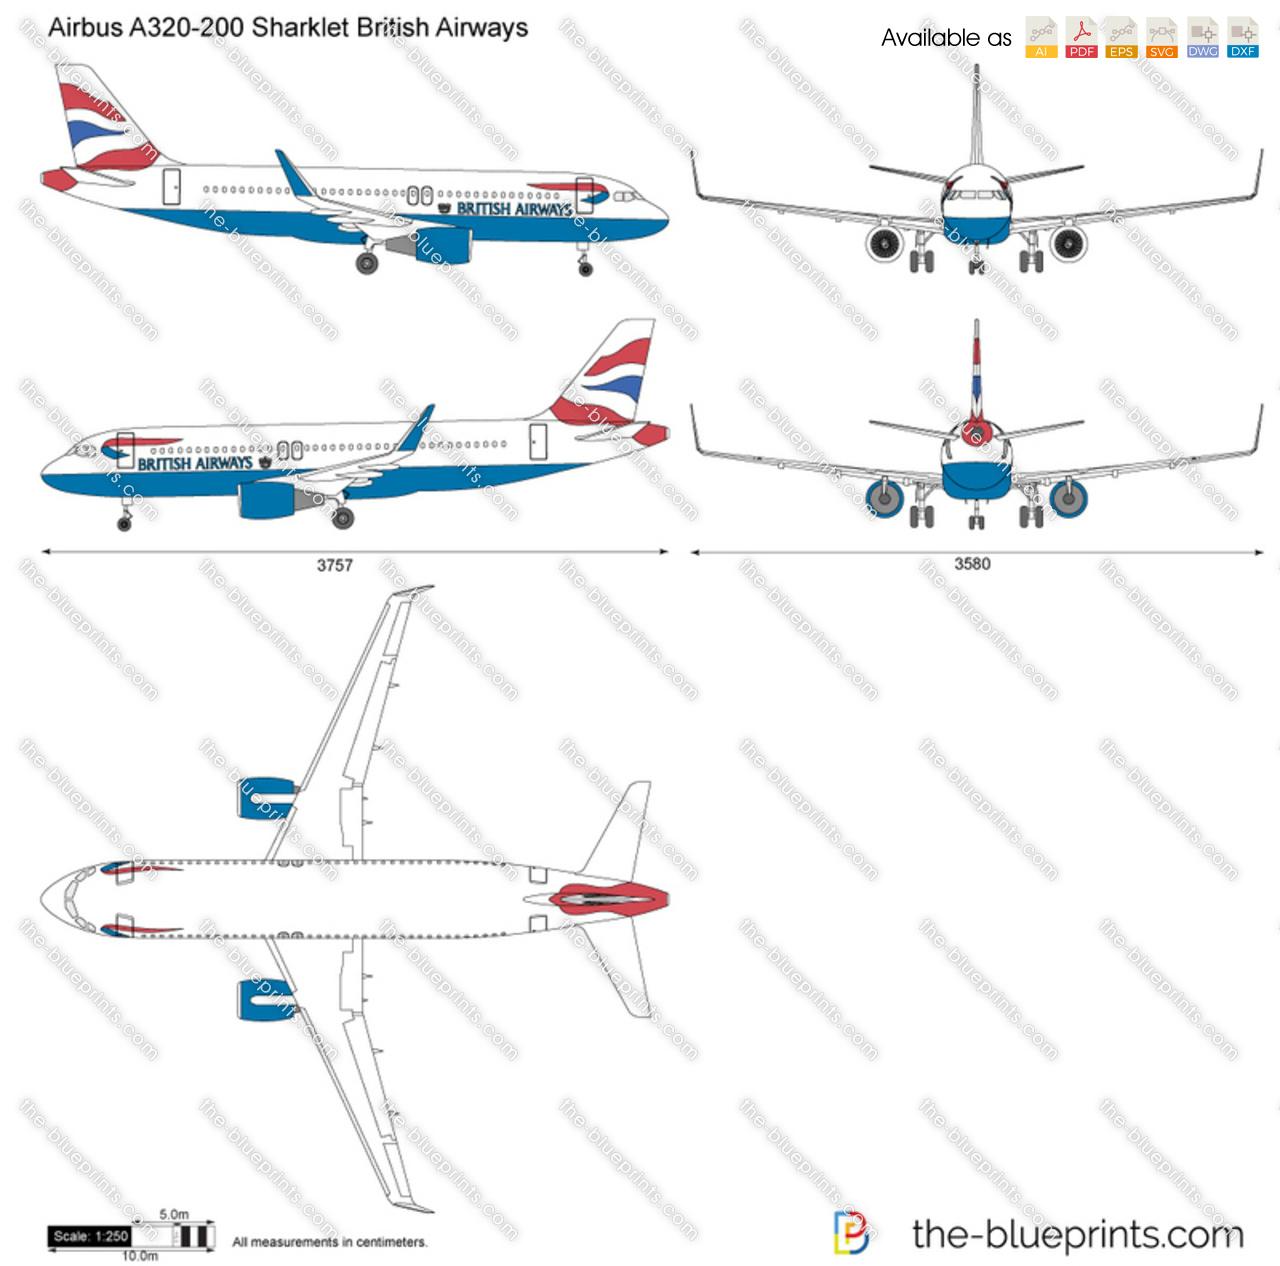 Airbus A320-200 Sharklet British Airways